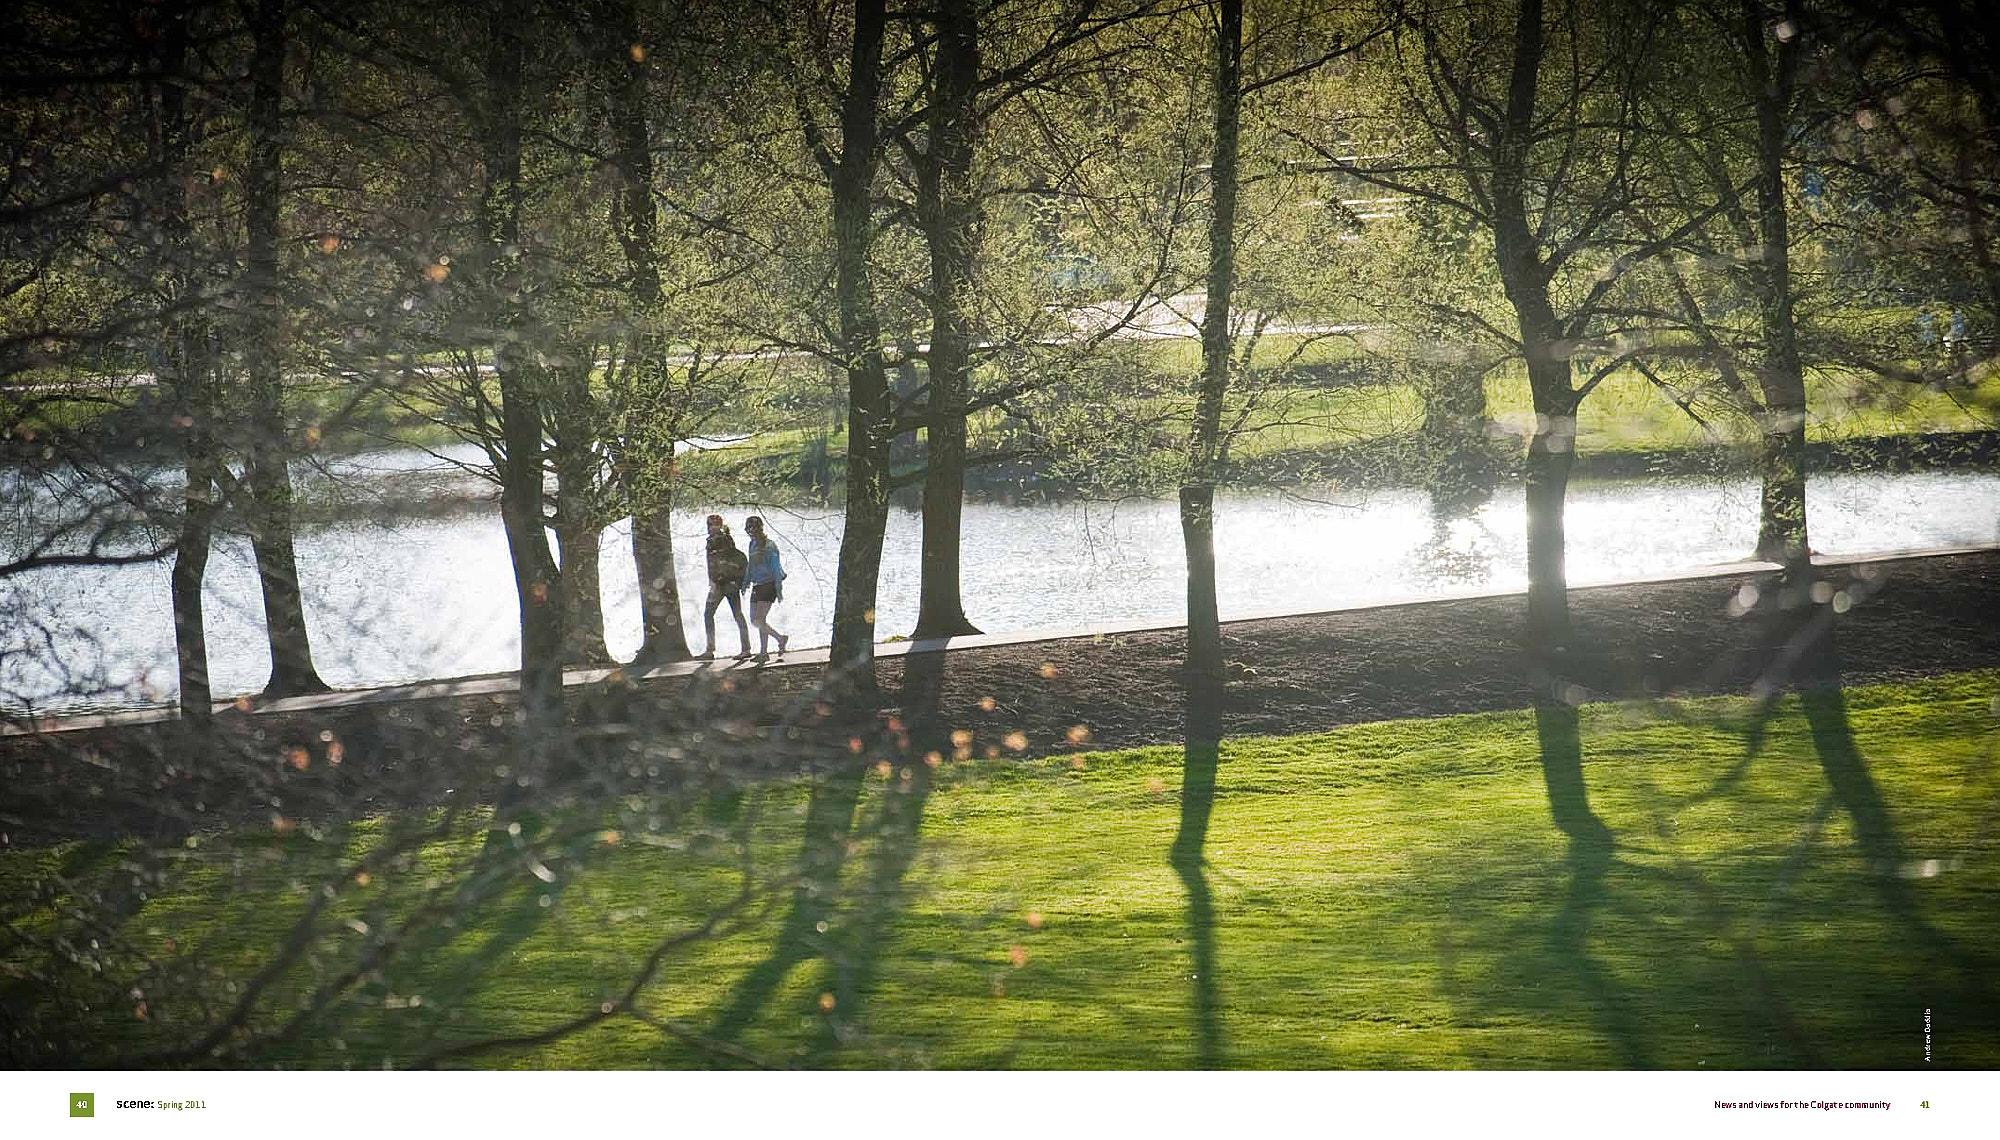 079_Scene Spring 2011_Page_42-43.jpg